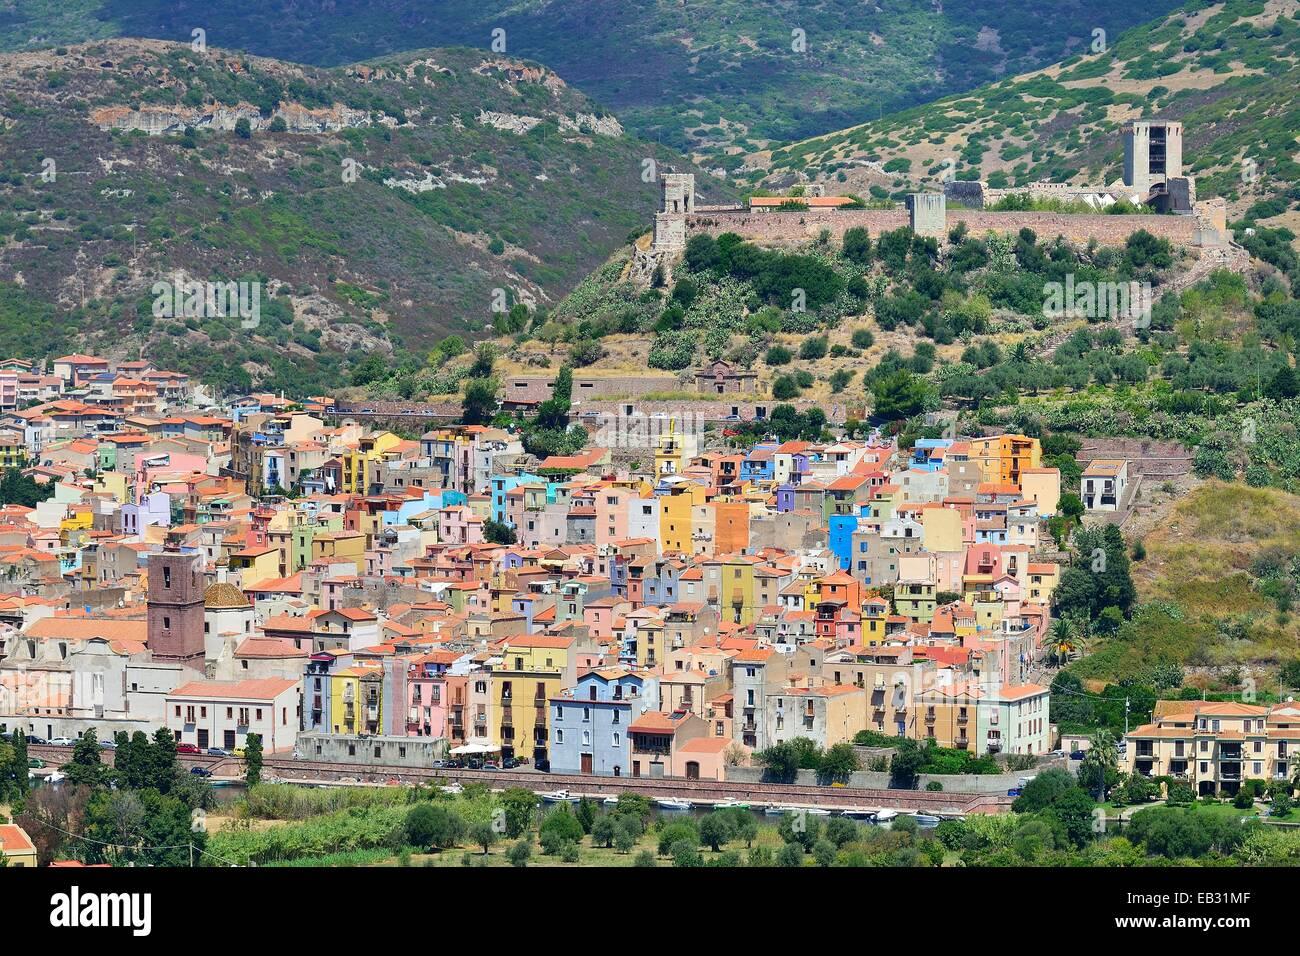 Las ruinas del castillo de Malaspina domina el centro histórico, Bosa, provincia de Oristano (Cerdeña, Italia) Foto de stock